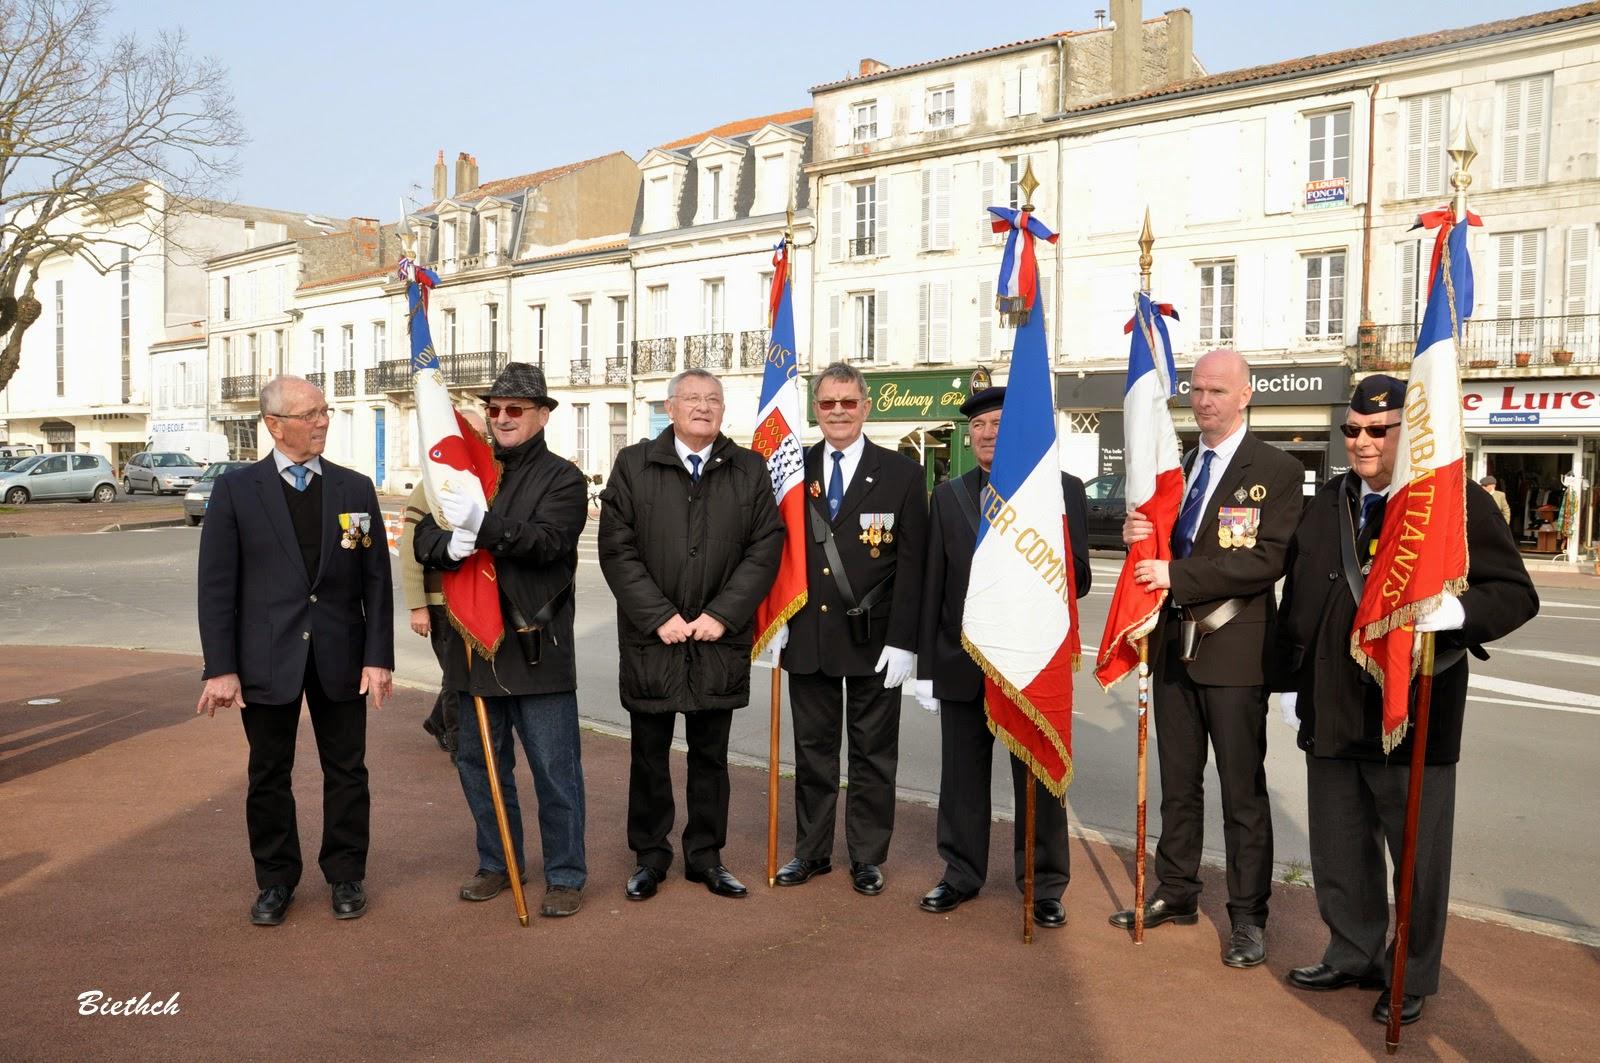 Federation nationale des combattants republicains mars 2015 - Office nationale des anciens combattants ...